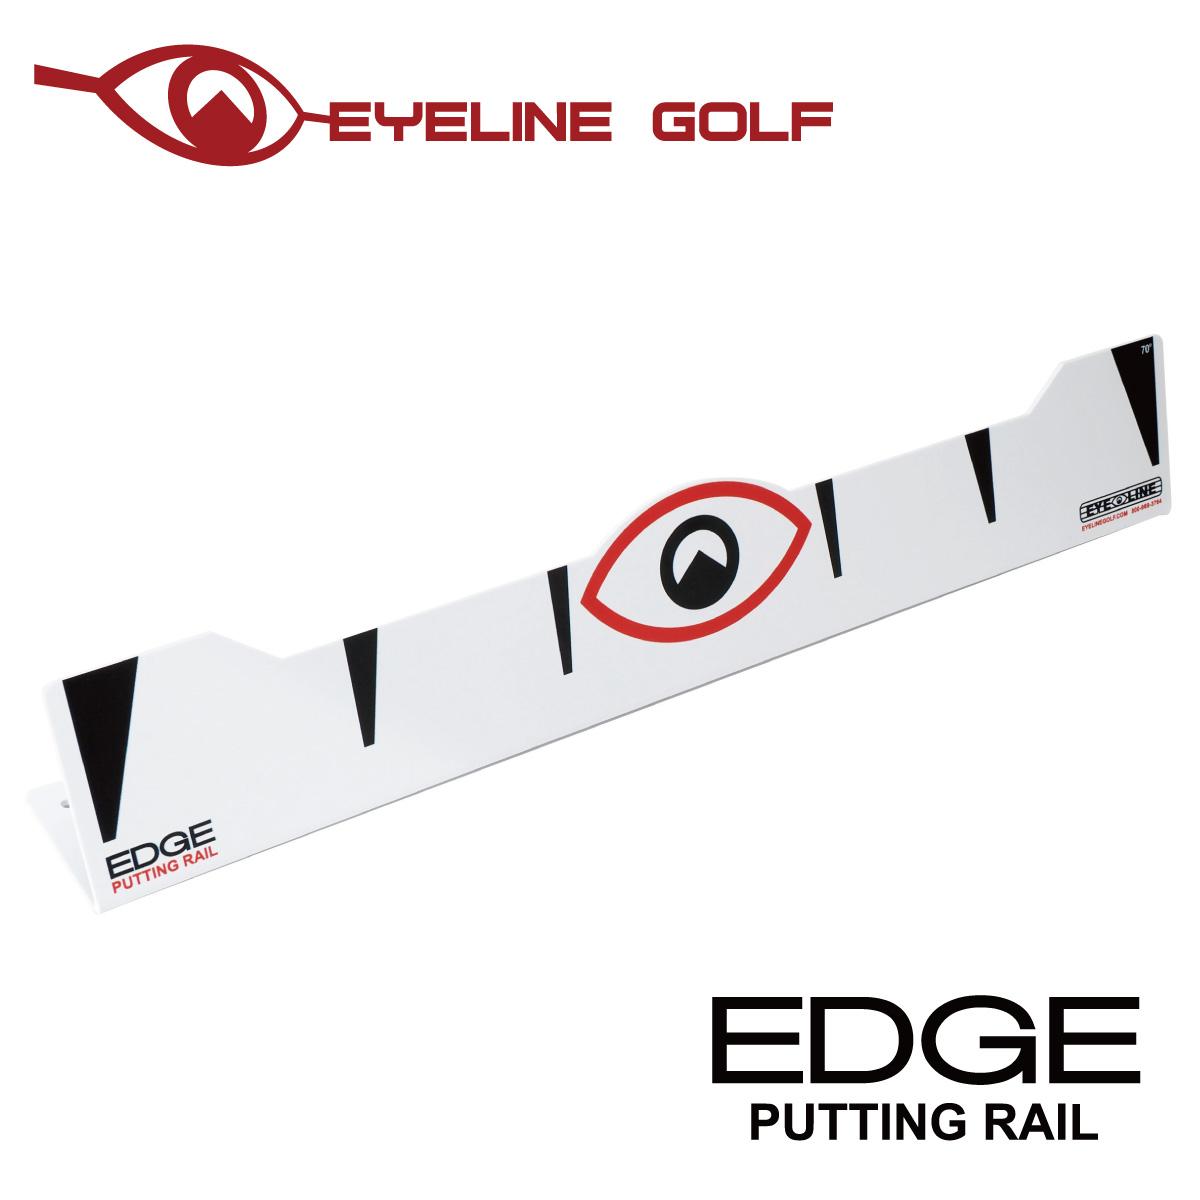 正しいヘッド起動を身に着ける 丈夫さはそのまま セール特価品 樹脂性軽量タイプに進化しました EYELINE GOLF アイラインゴルフ ELG-RA26 Edge Putting 70 ご注文で当日配送 ラウンド用品 2021エッジパッティングレール 練習グッズ パター練習 パット上達 Rail